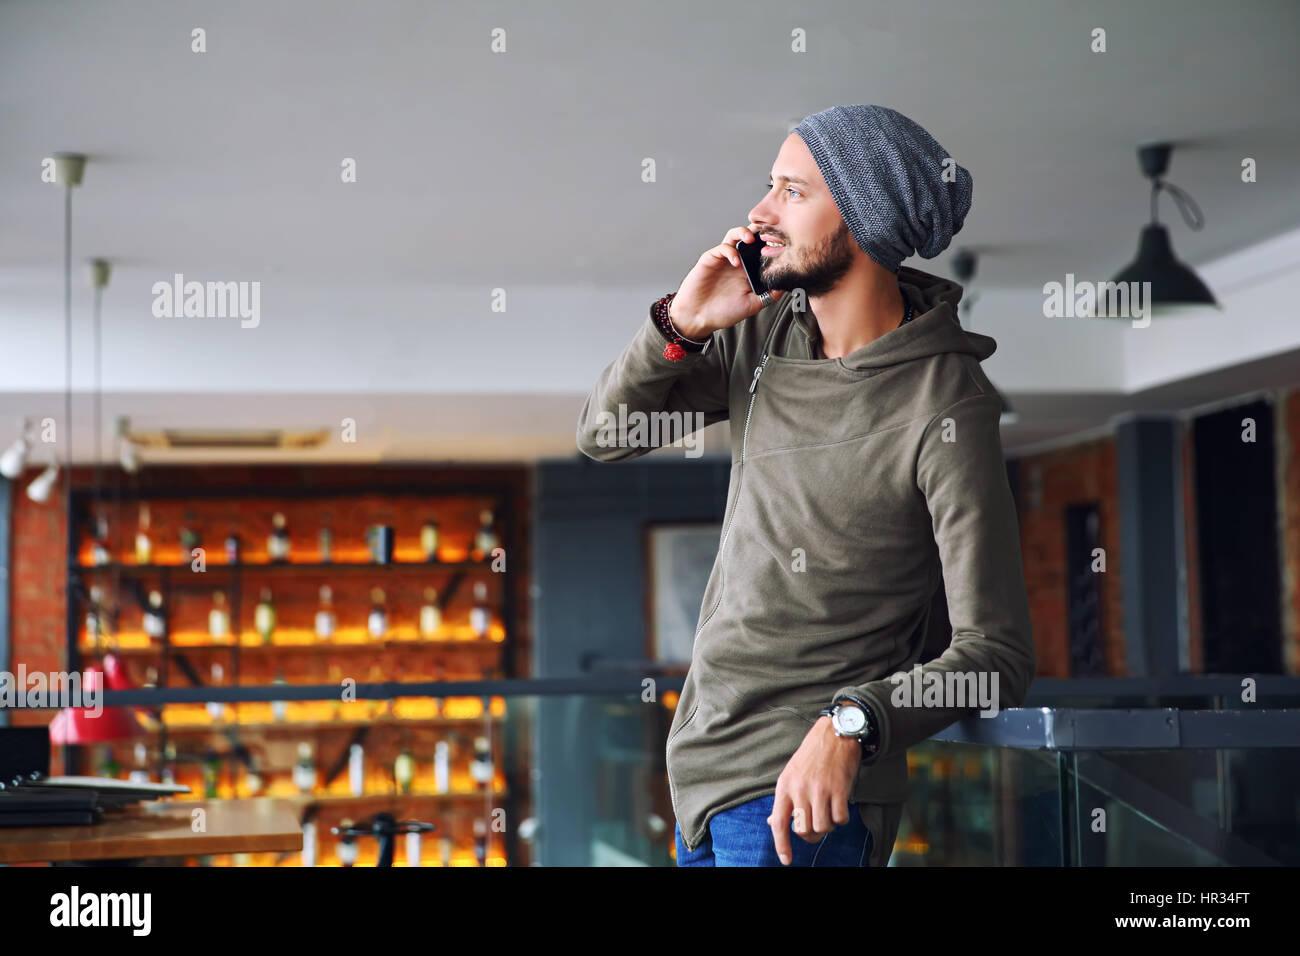 Joven apuesto hipster hombre utilizando smartphone en cafe Imagen De Stock